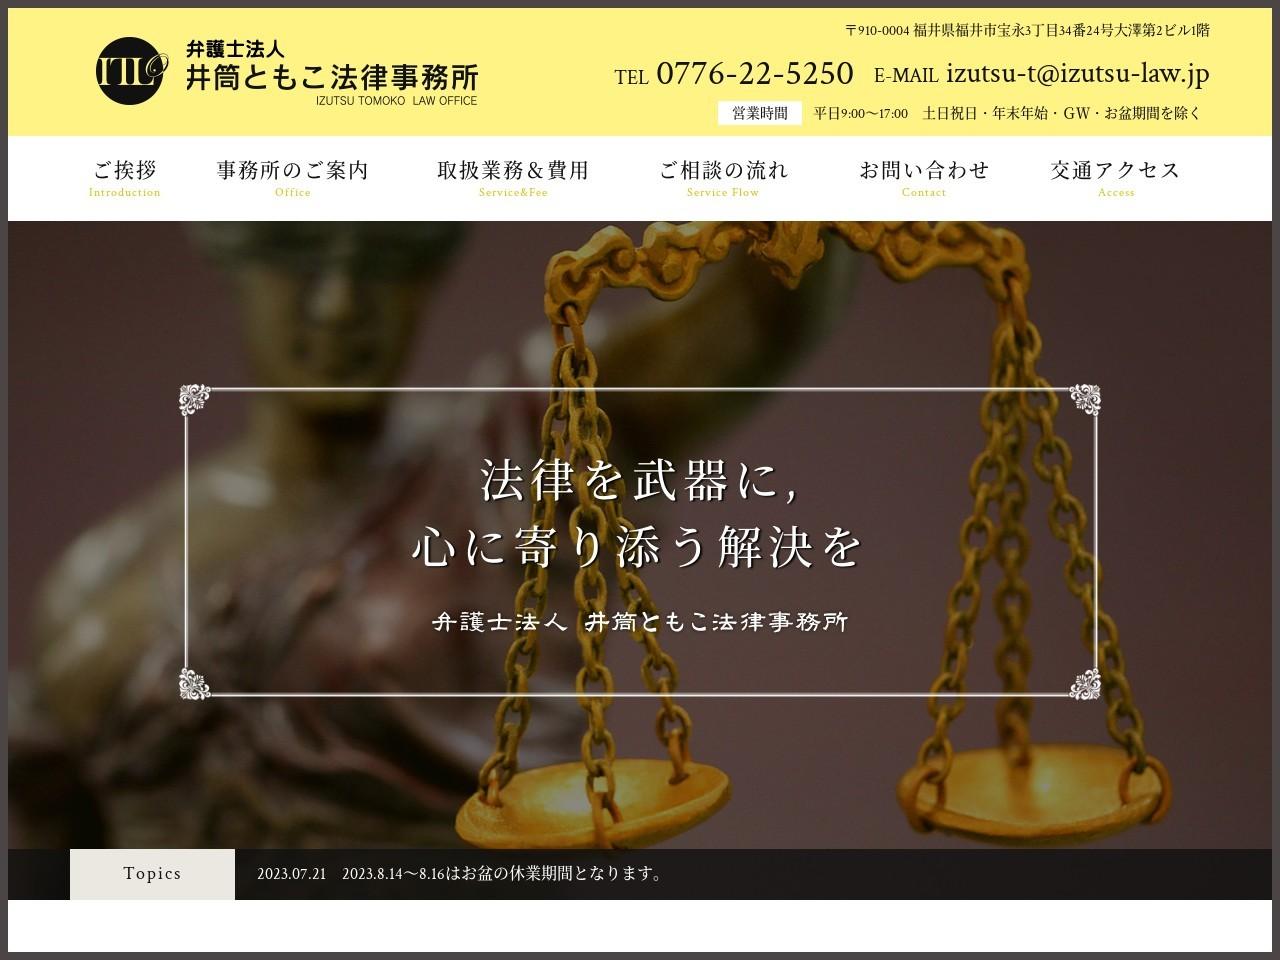 井筒ともこ法律事務所